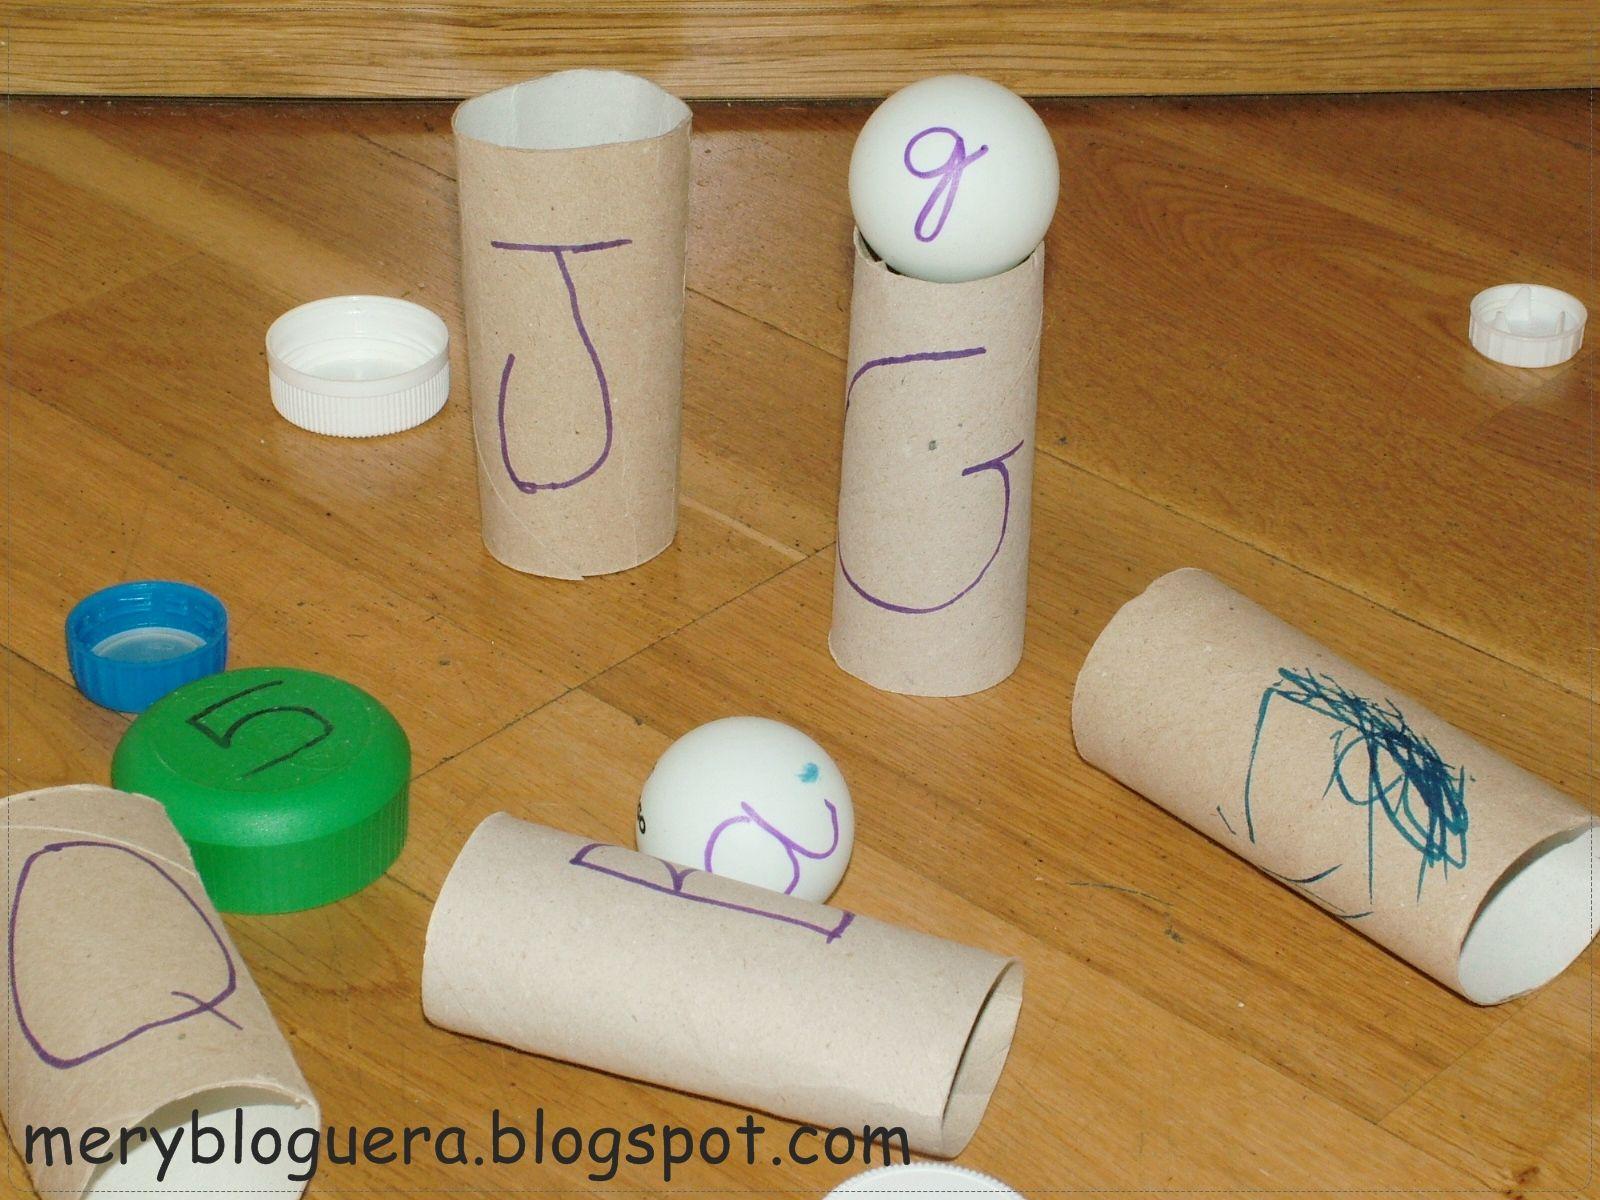 Manualidad Con Rollos De Papel Higiénico Crea Este Juego Para Que Aprendan Las Letras